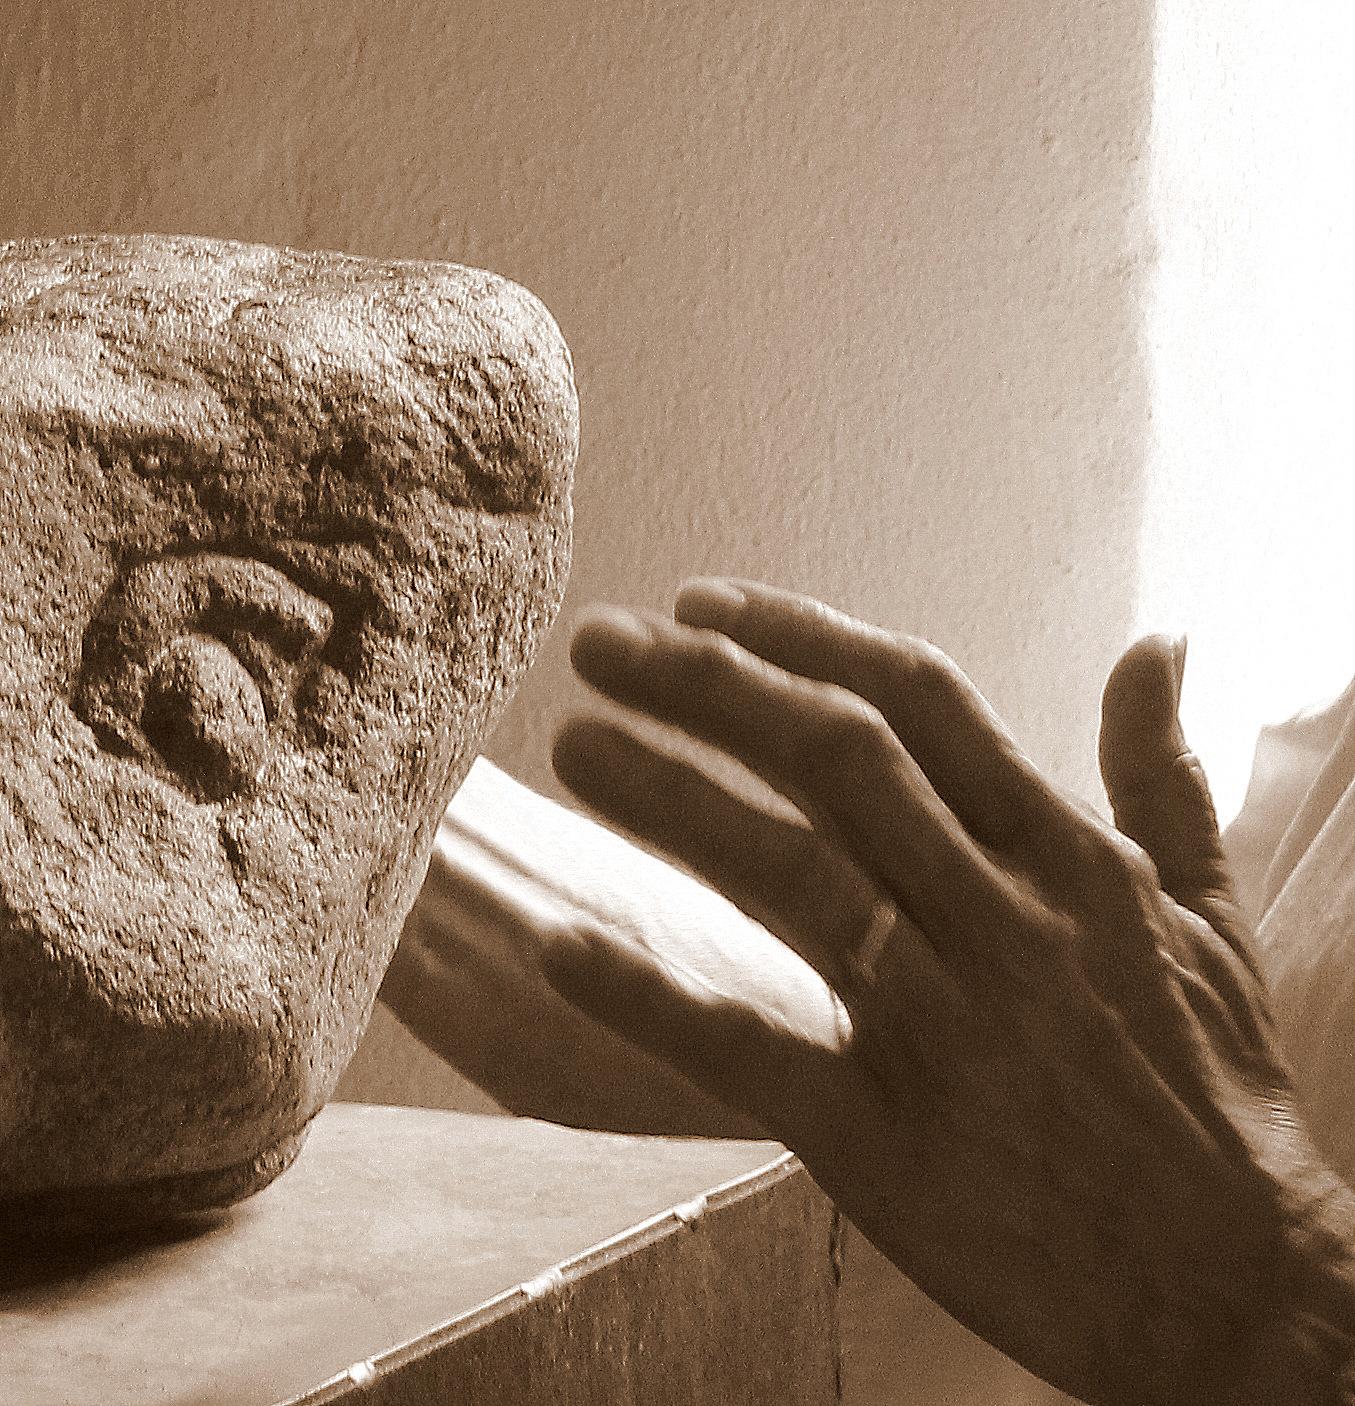 Hände an Stein (Teilnehmerin) ANNÄHERN